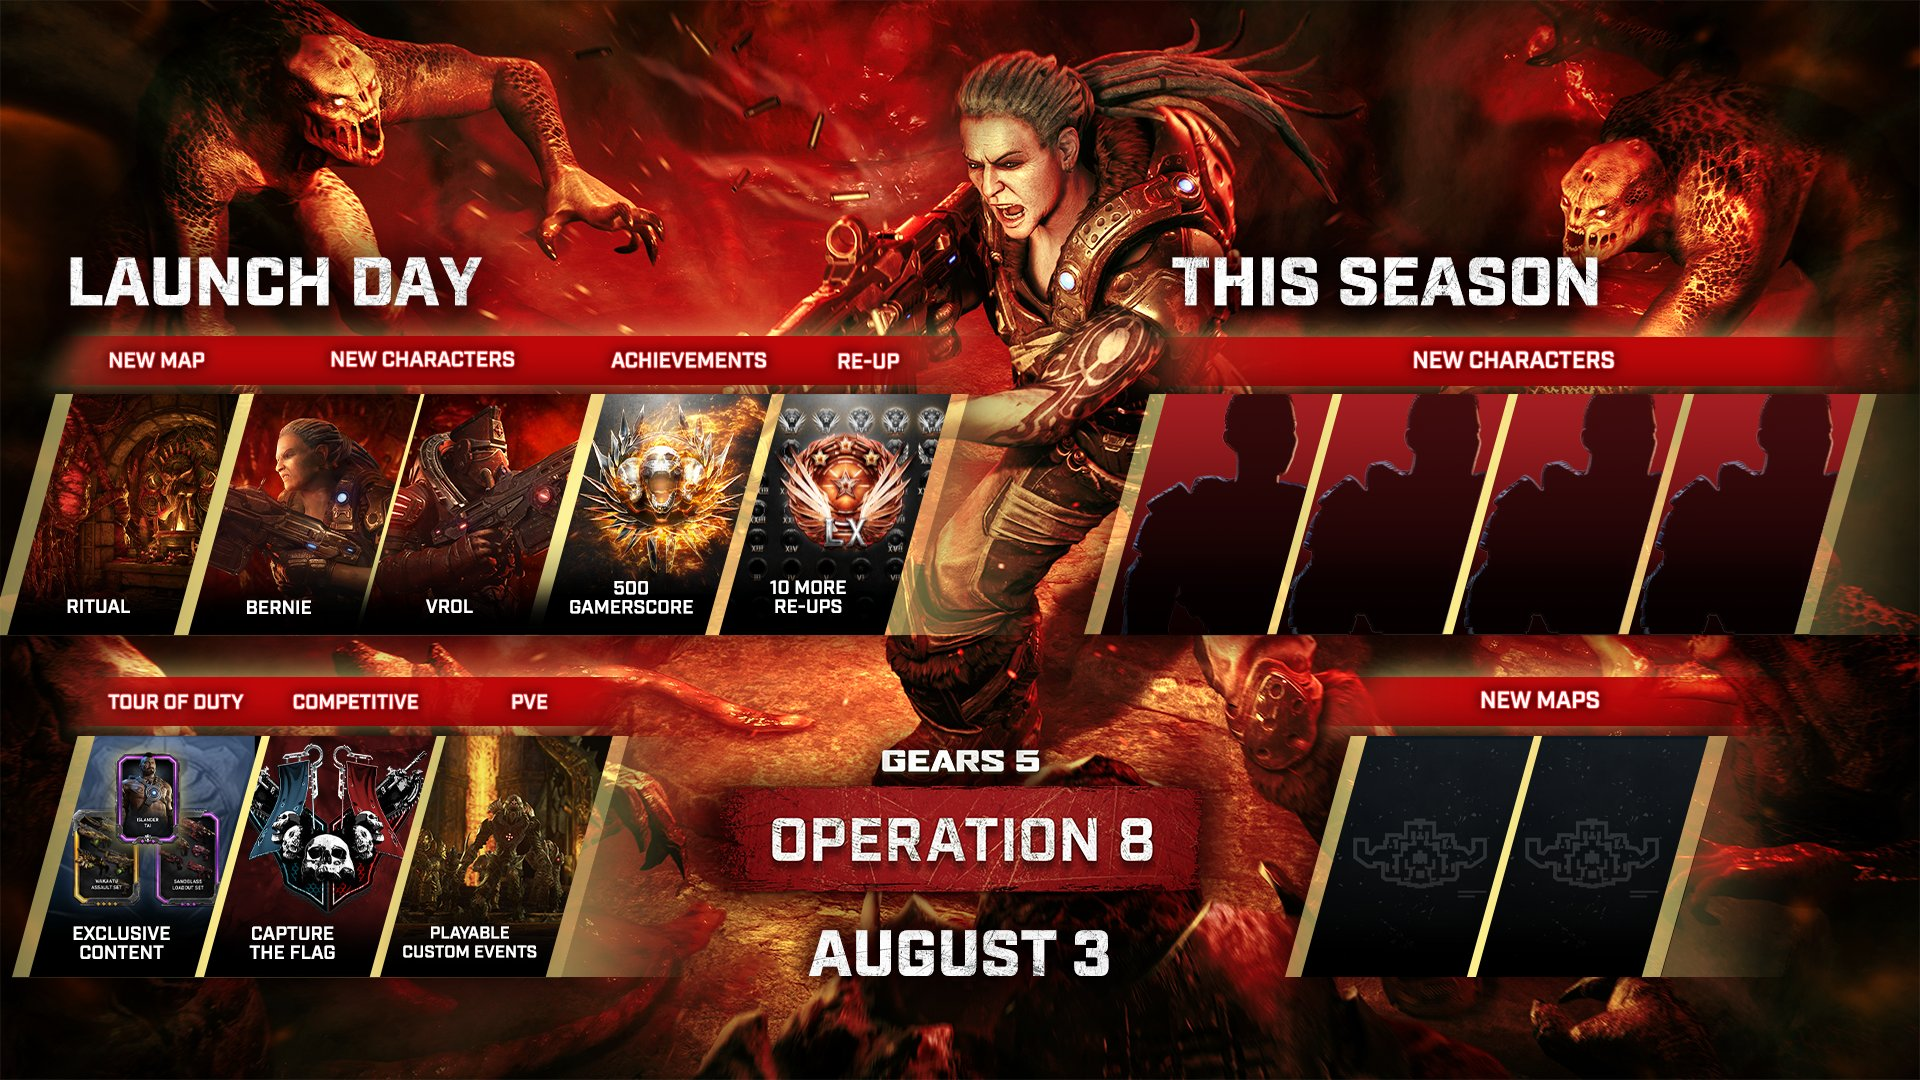 """Detallado el contenido del primer Drop de la """"Operación 8"""" para Gears 5 - The Coalition detalla lo que llega con el primer Drop de la """"Operación 8"""" de Gears 5 que da comienzo hoy mismo."""